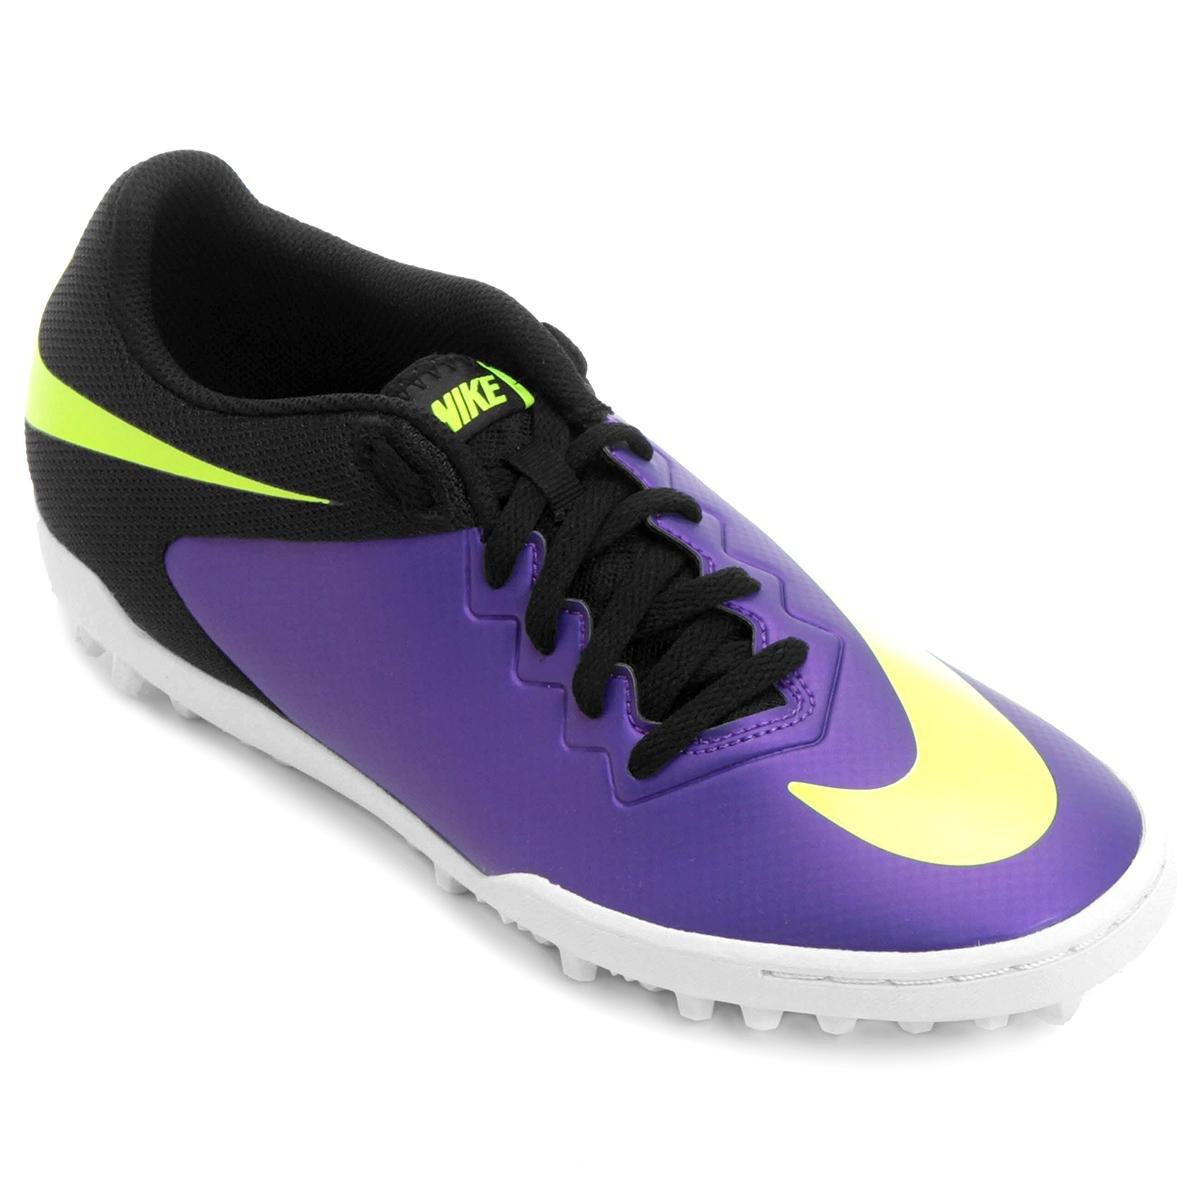 c578616c78 Chuteira Society Nike Hypervenom Pro TF